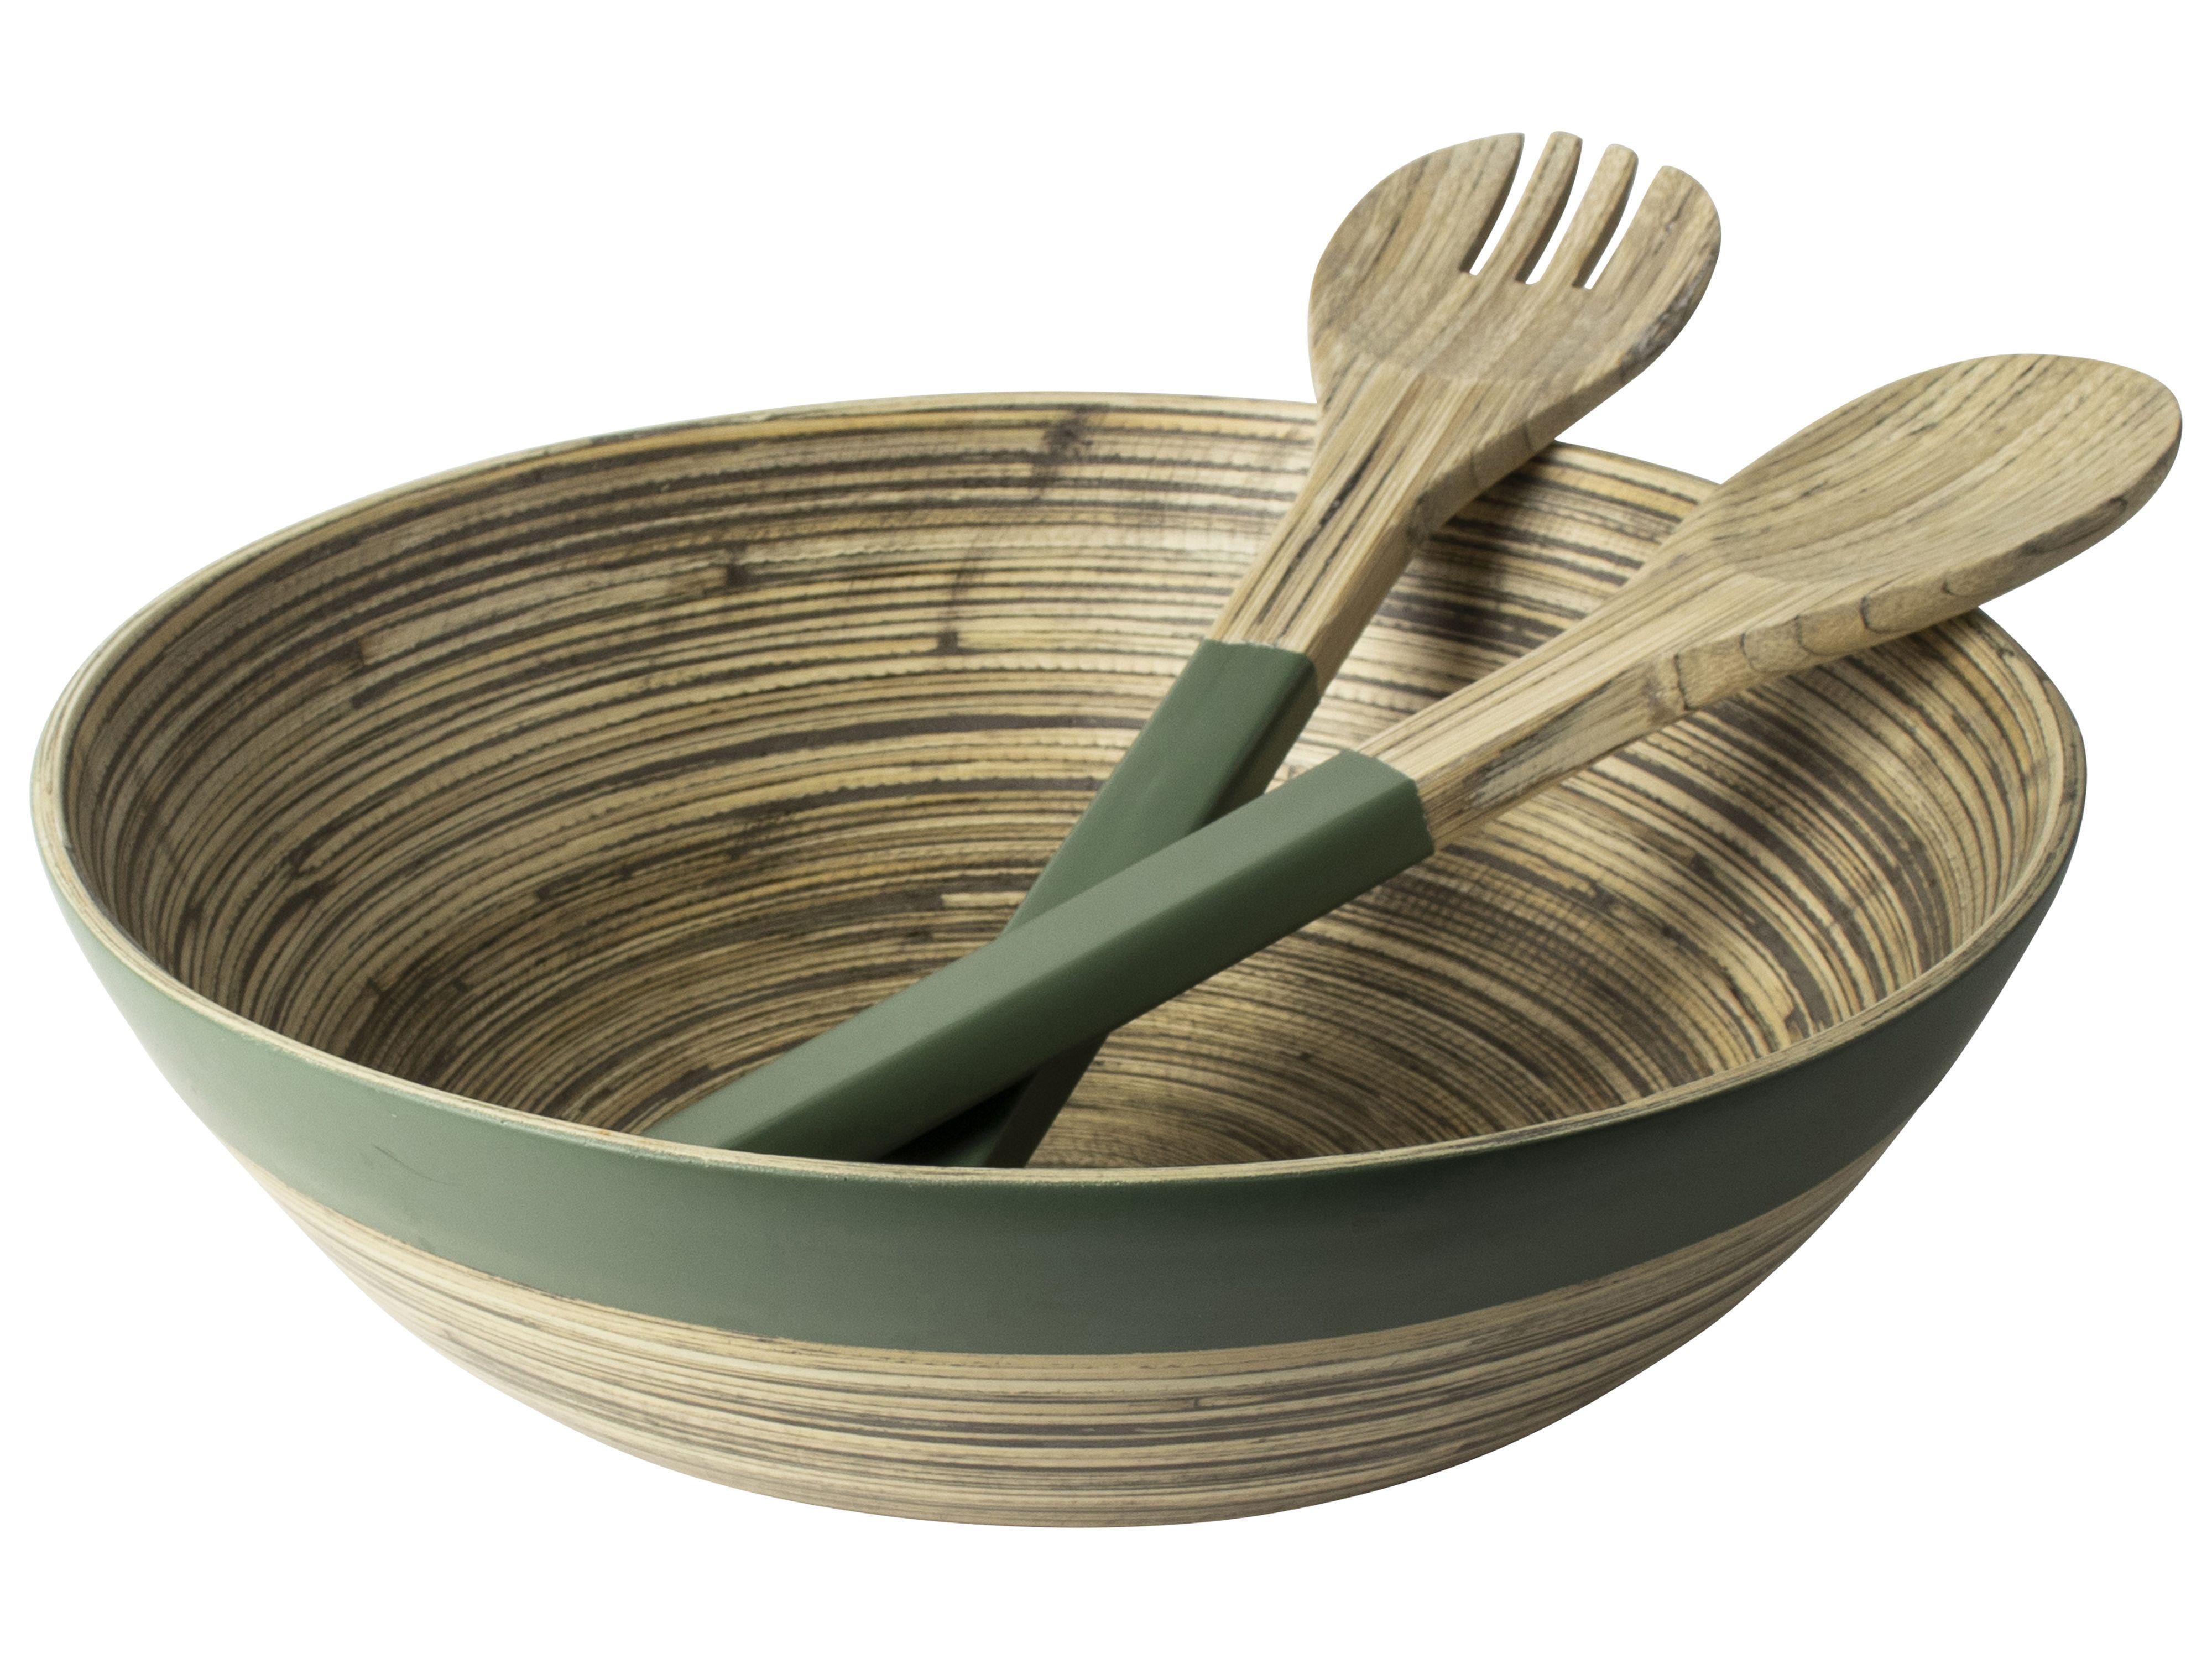 Gusta Schaal30cm+Saladecouvert Bamboe-gr